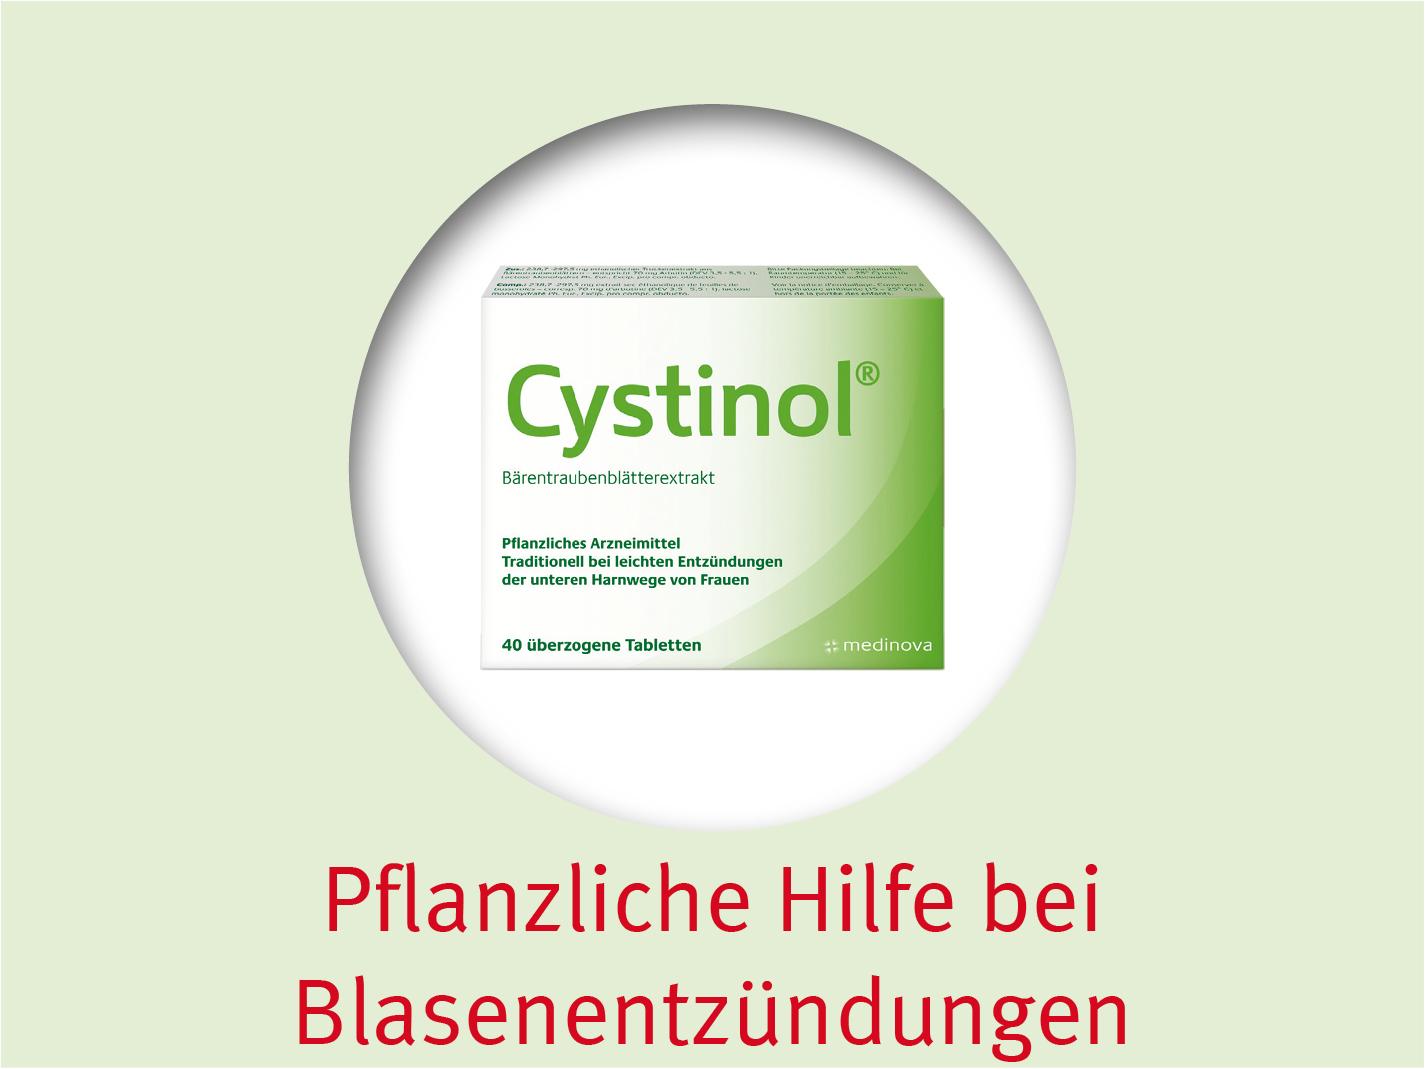 teaserbox_cystinol_tp_homepage.jpg